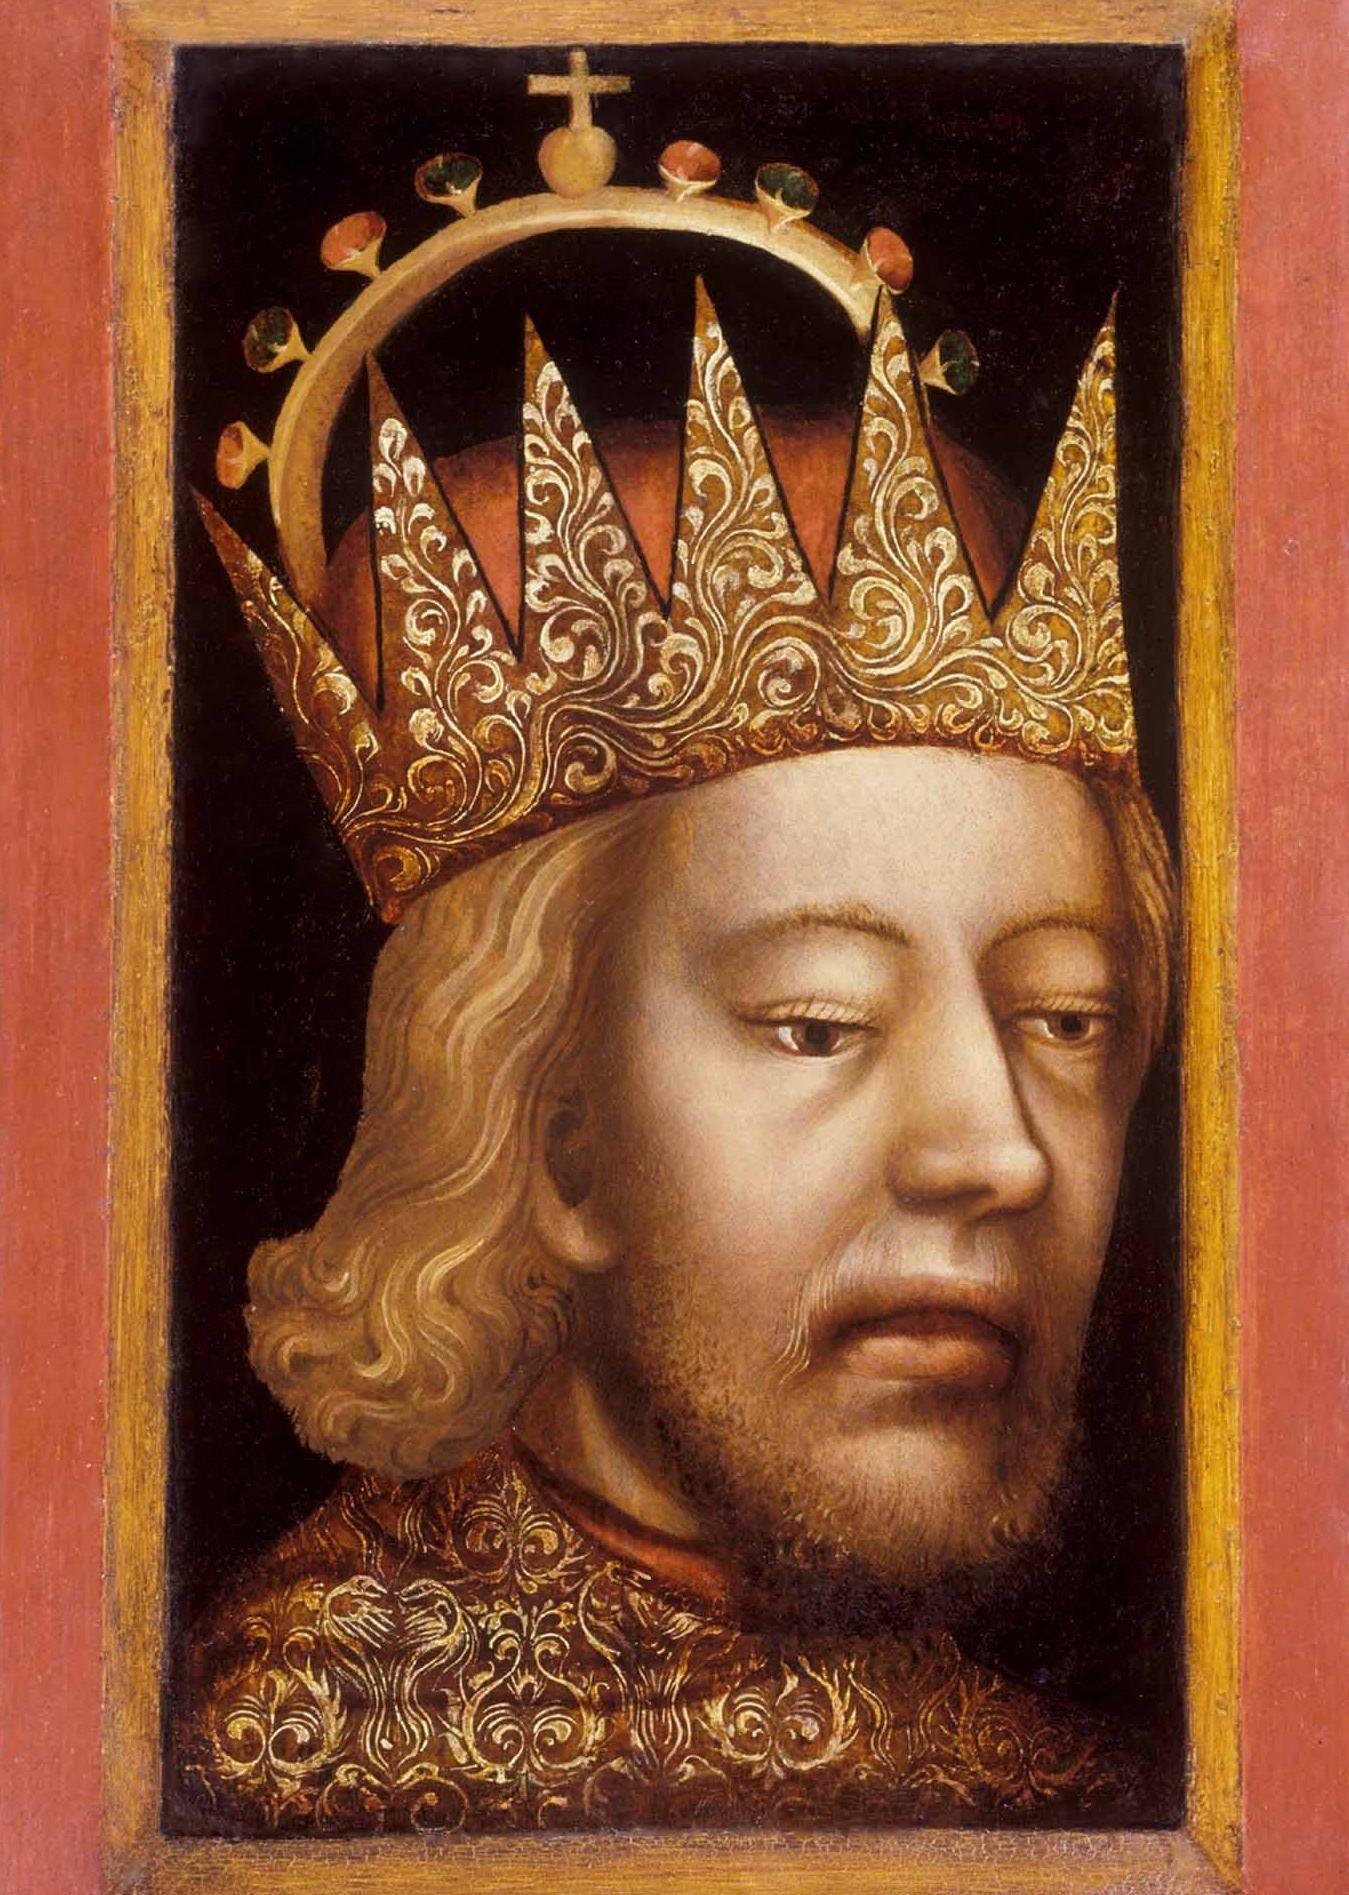 Rudolf IV Fundator na jednym z najstarszych samodzielnych portretów w sztuce europejskiej przedstawiony w czapce arcyksiążęcej. Od razu widać z twarzy, że to Habsburg... (źródło: domena publiczna).